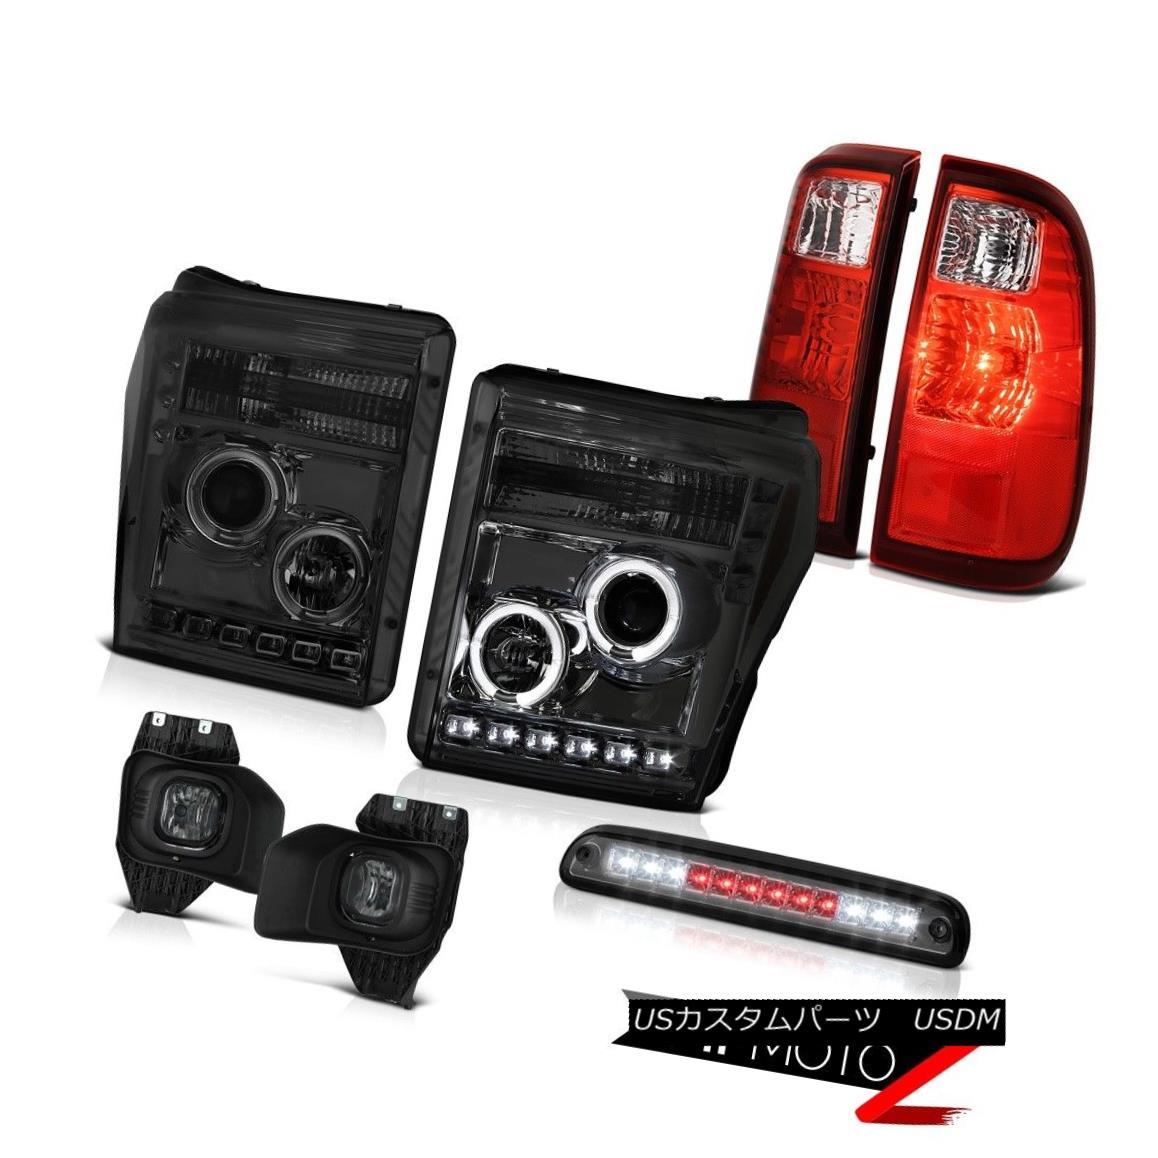 ヘッドライト 2011-2016 F350 6.2L Dark Smoke Roof Cab Light Fog Lamps Rear Brake Headlights 2011-2016 F350 6.2Lダークスモークルーフキャブライトフォグランプリアブレーキヘッドライト